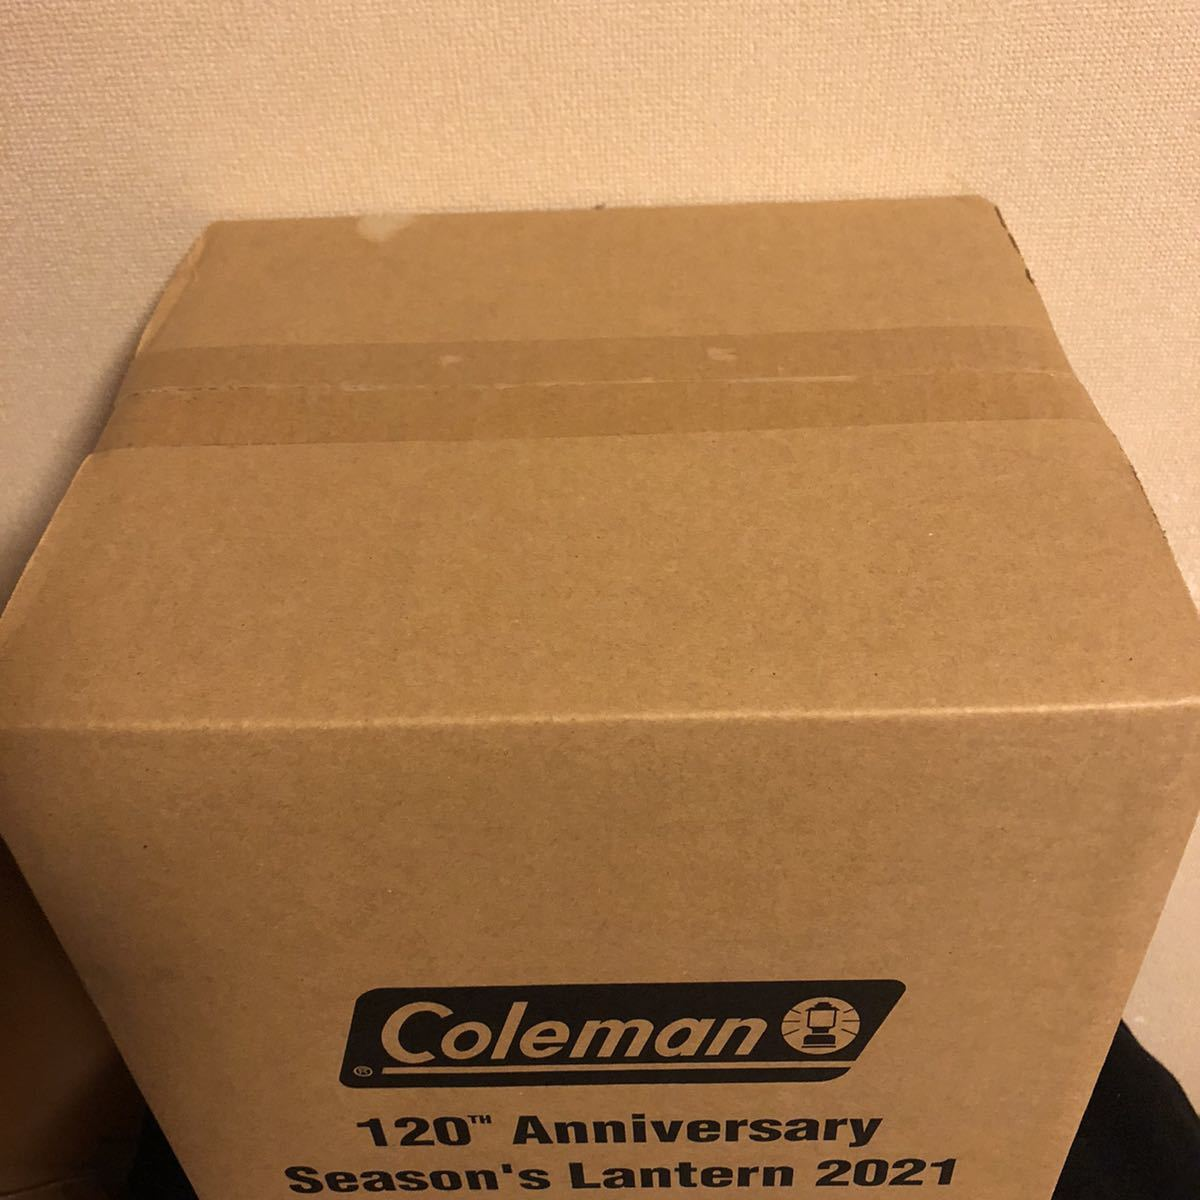 シーズンズランタン 2021 新品未使用 送料無料 検)コールマン Coleman